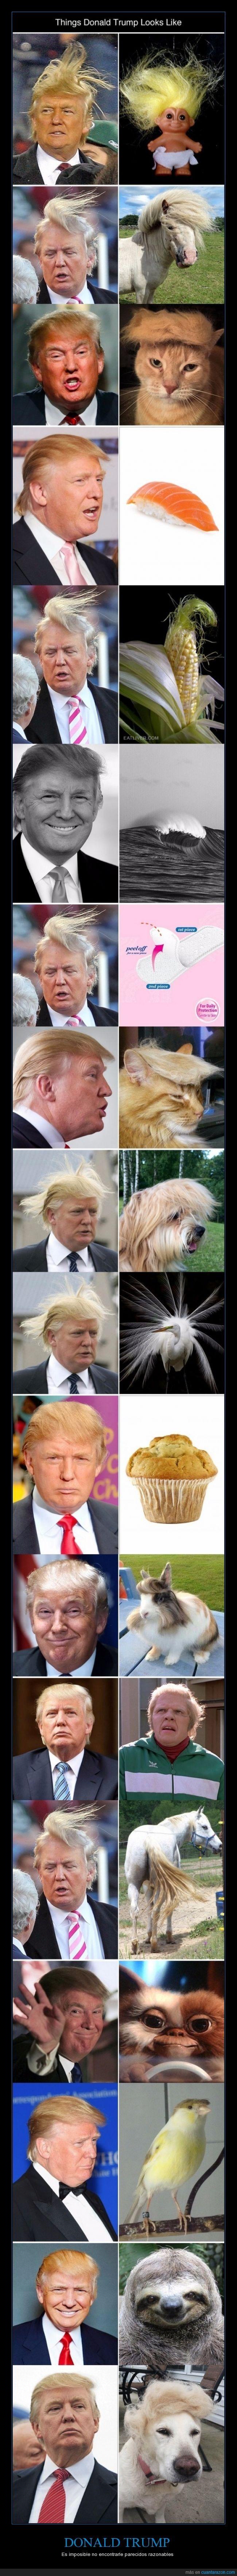 Los 1001 parecidos razonables de Donald Trump - Es imposible no encontrarle parecidos razonables